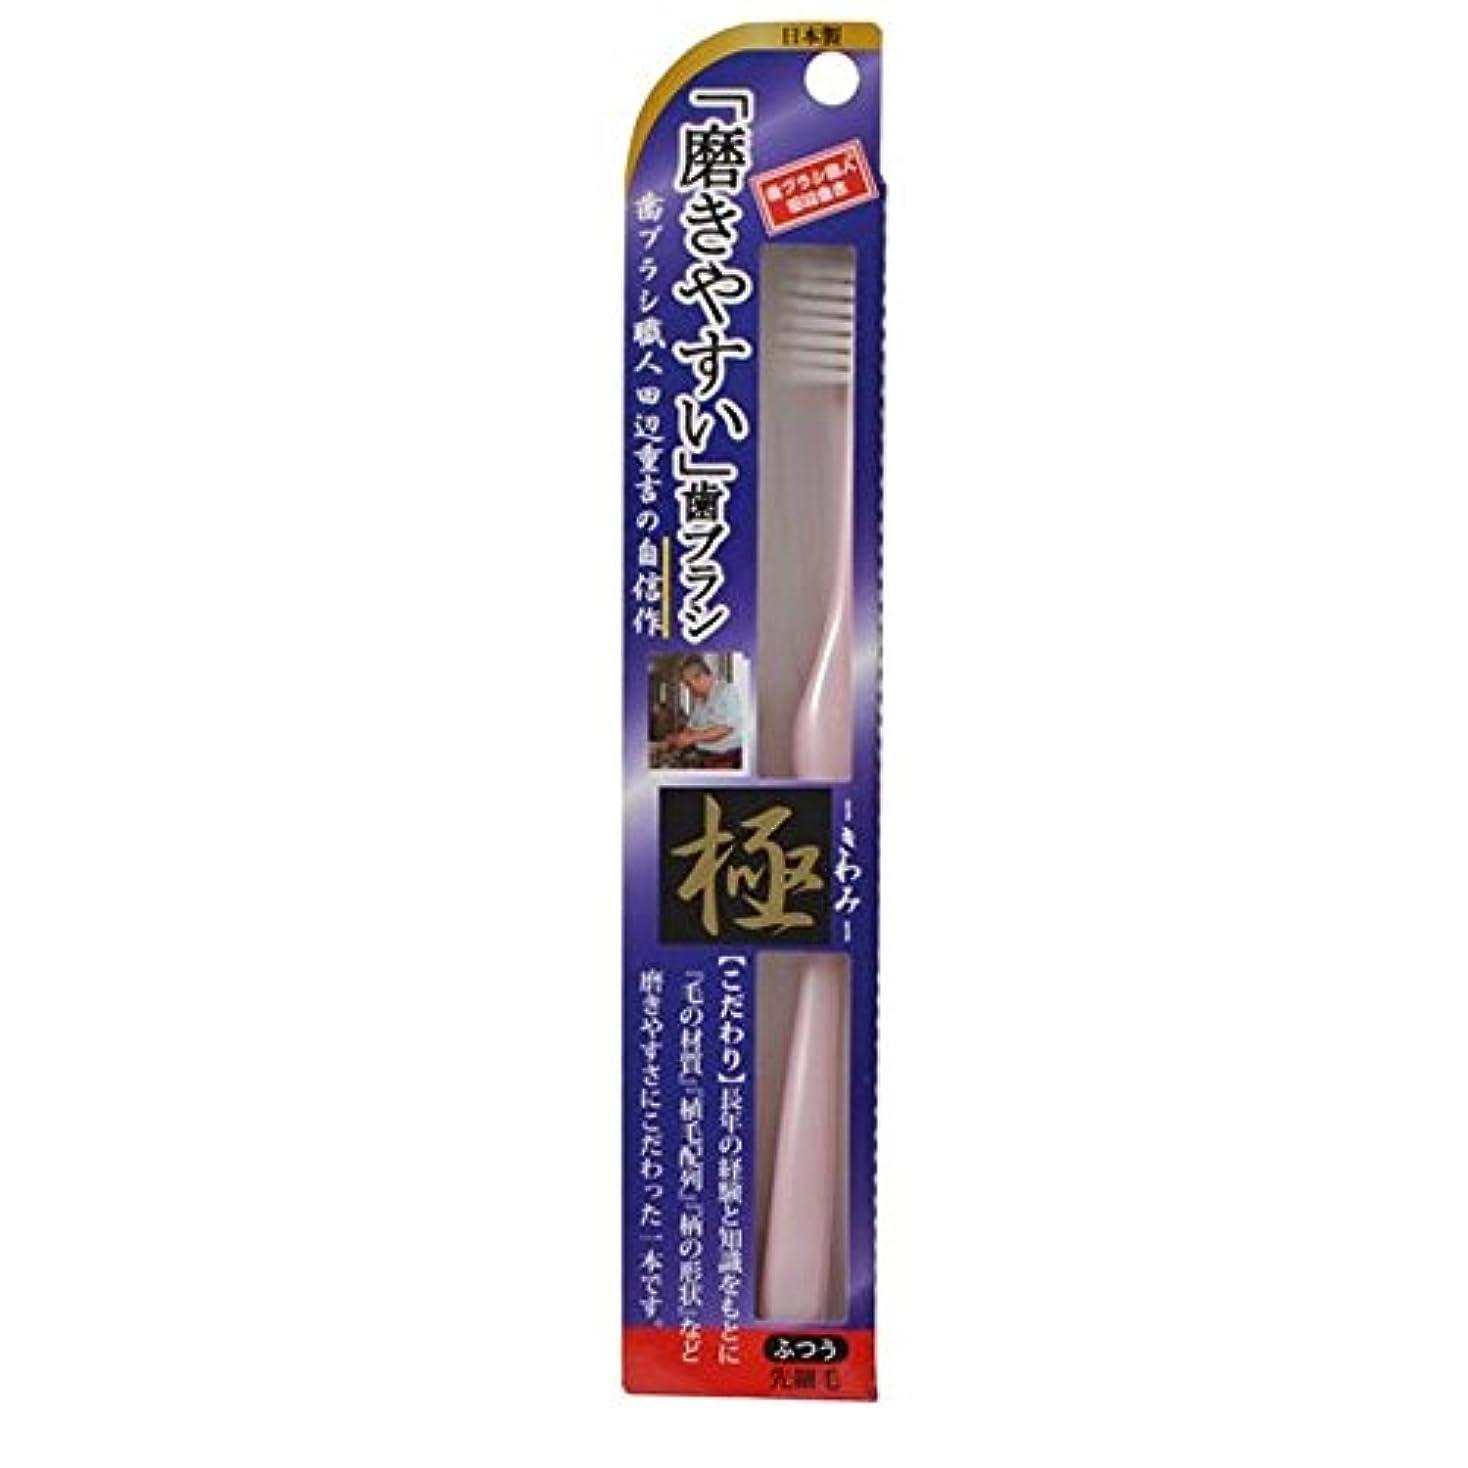 とげむちゃくちゃリアル磨きやすい歯ブラシ極 LT-22